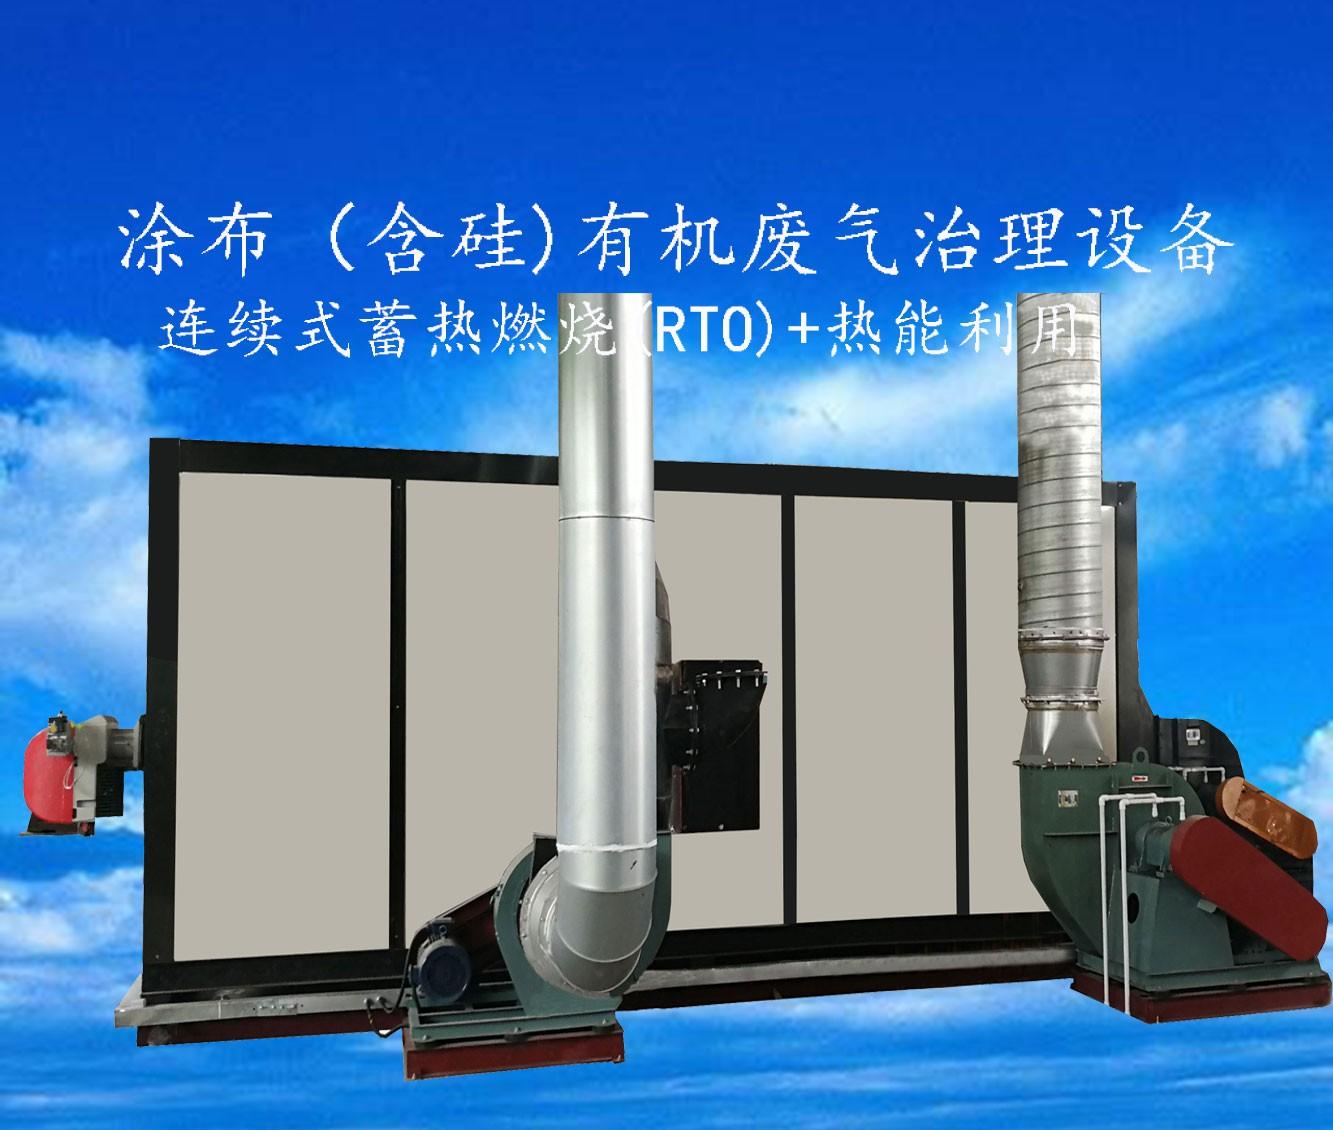 涂布废气治理RTO设备安全、节能、硅垢不堵塞